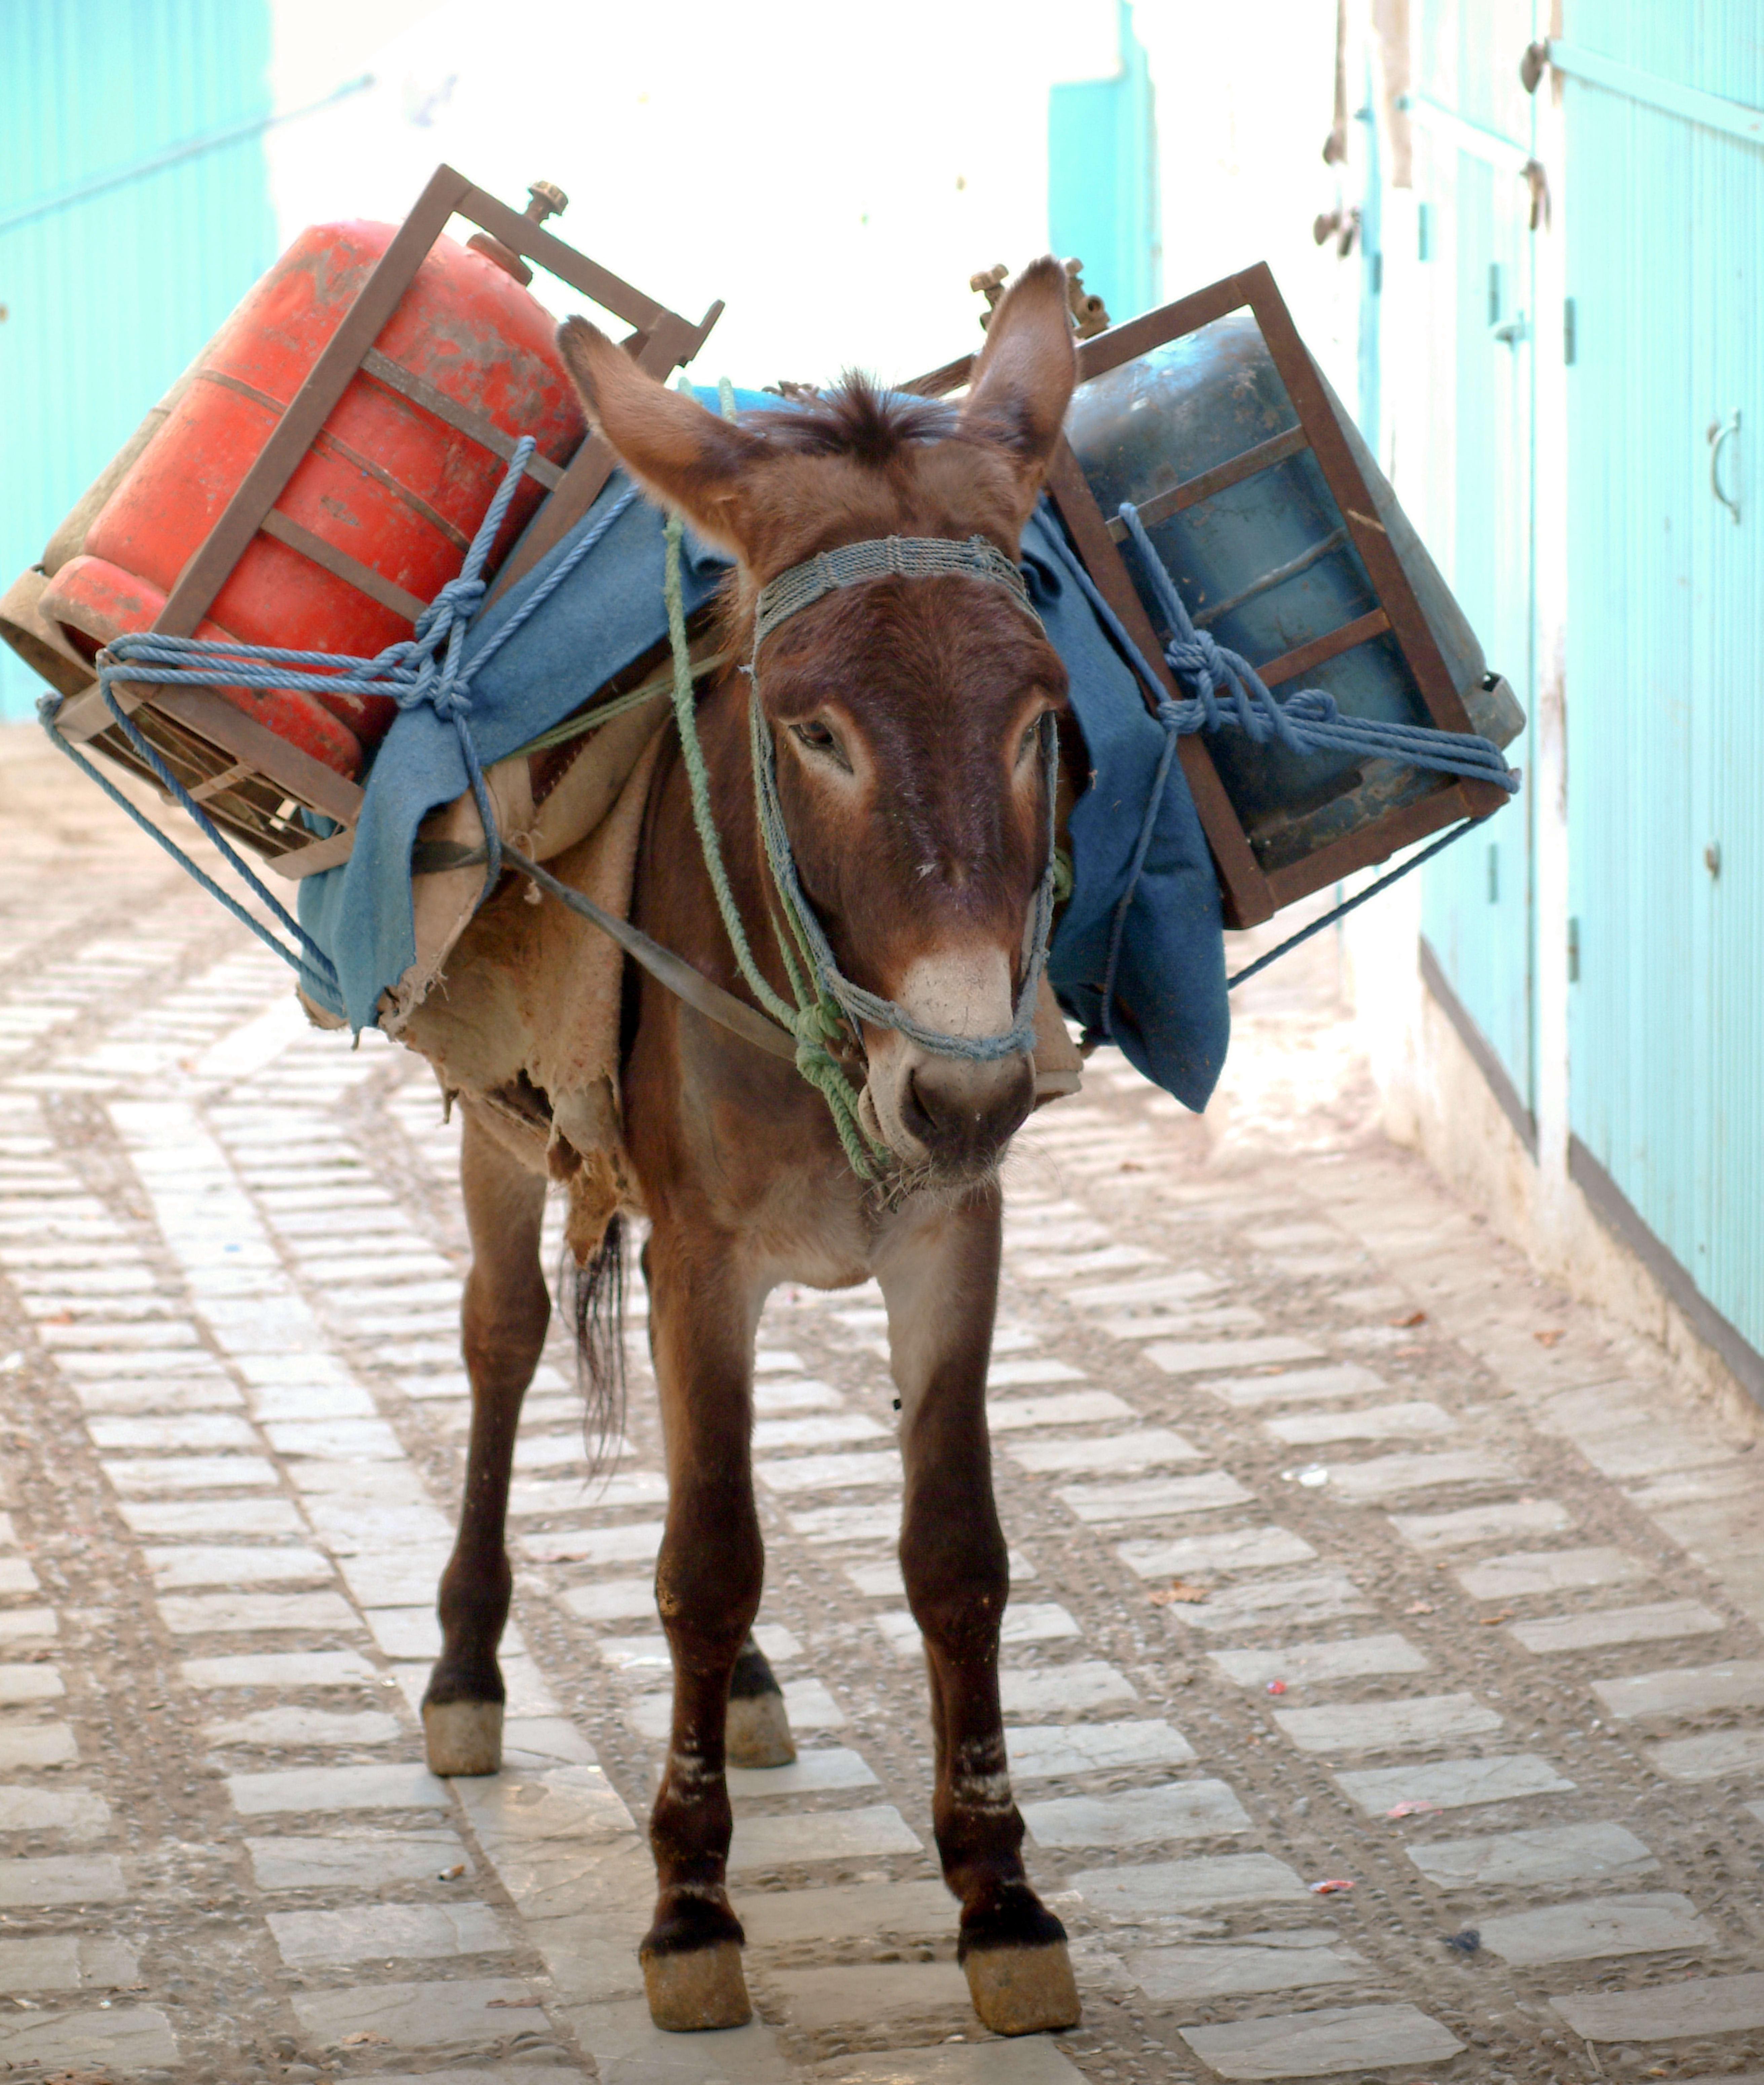 Um burro carregando dois botijões.